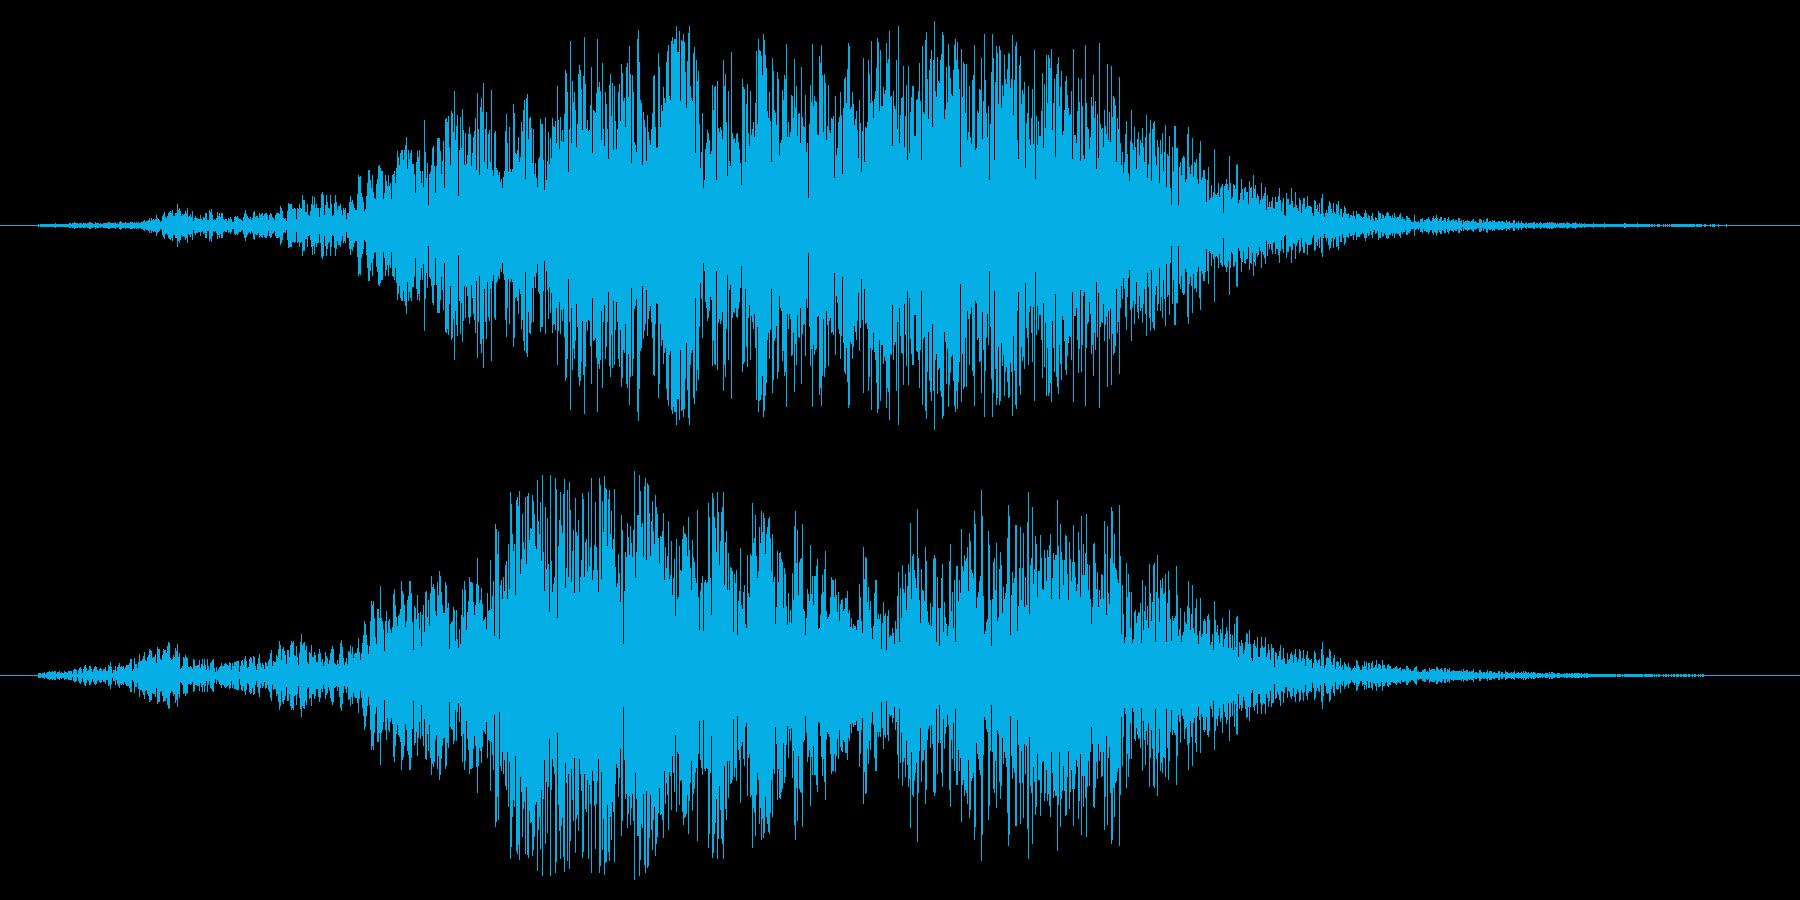 フオーン(風の吹くような効果音)の再生済みの波形